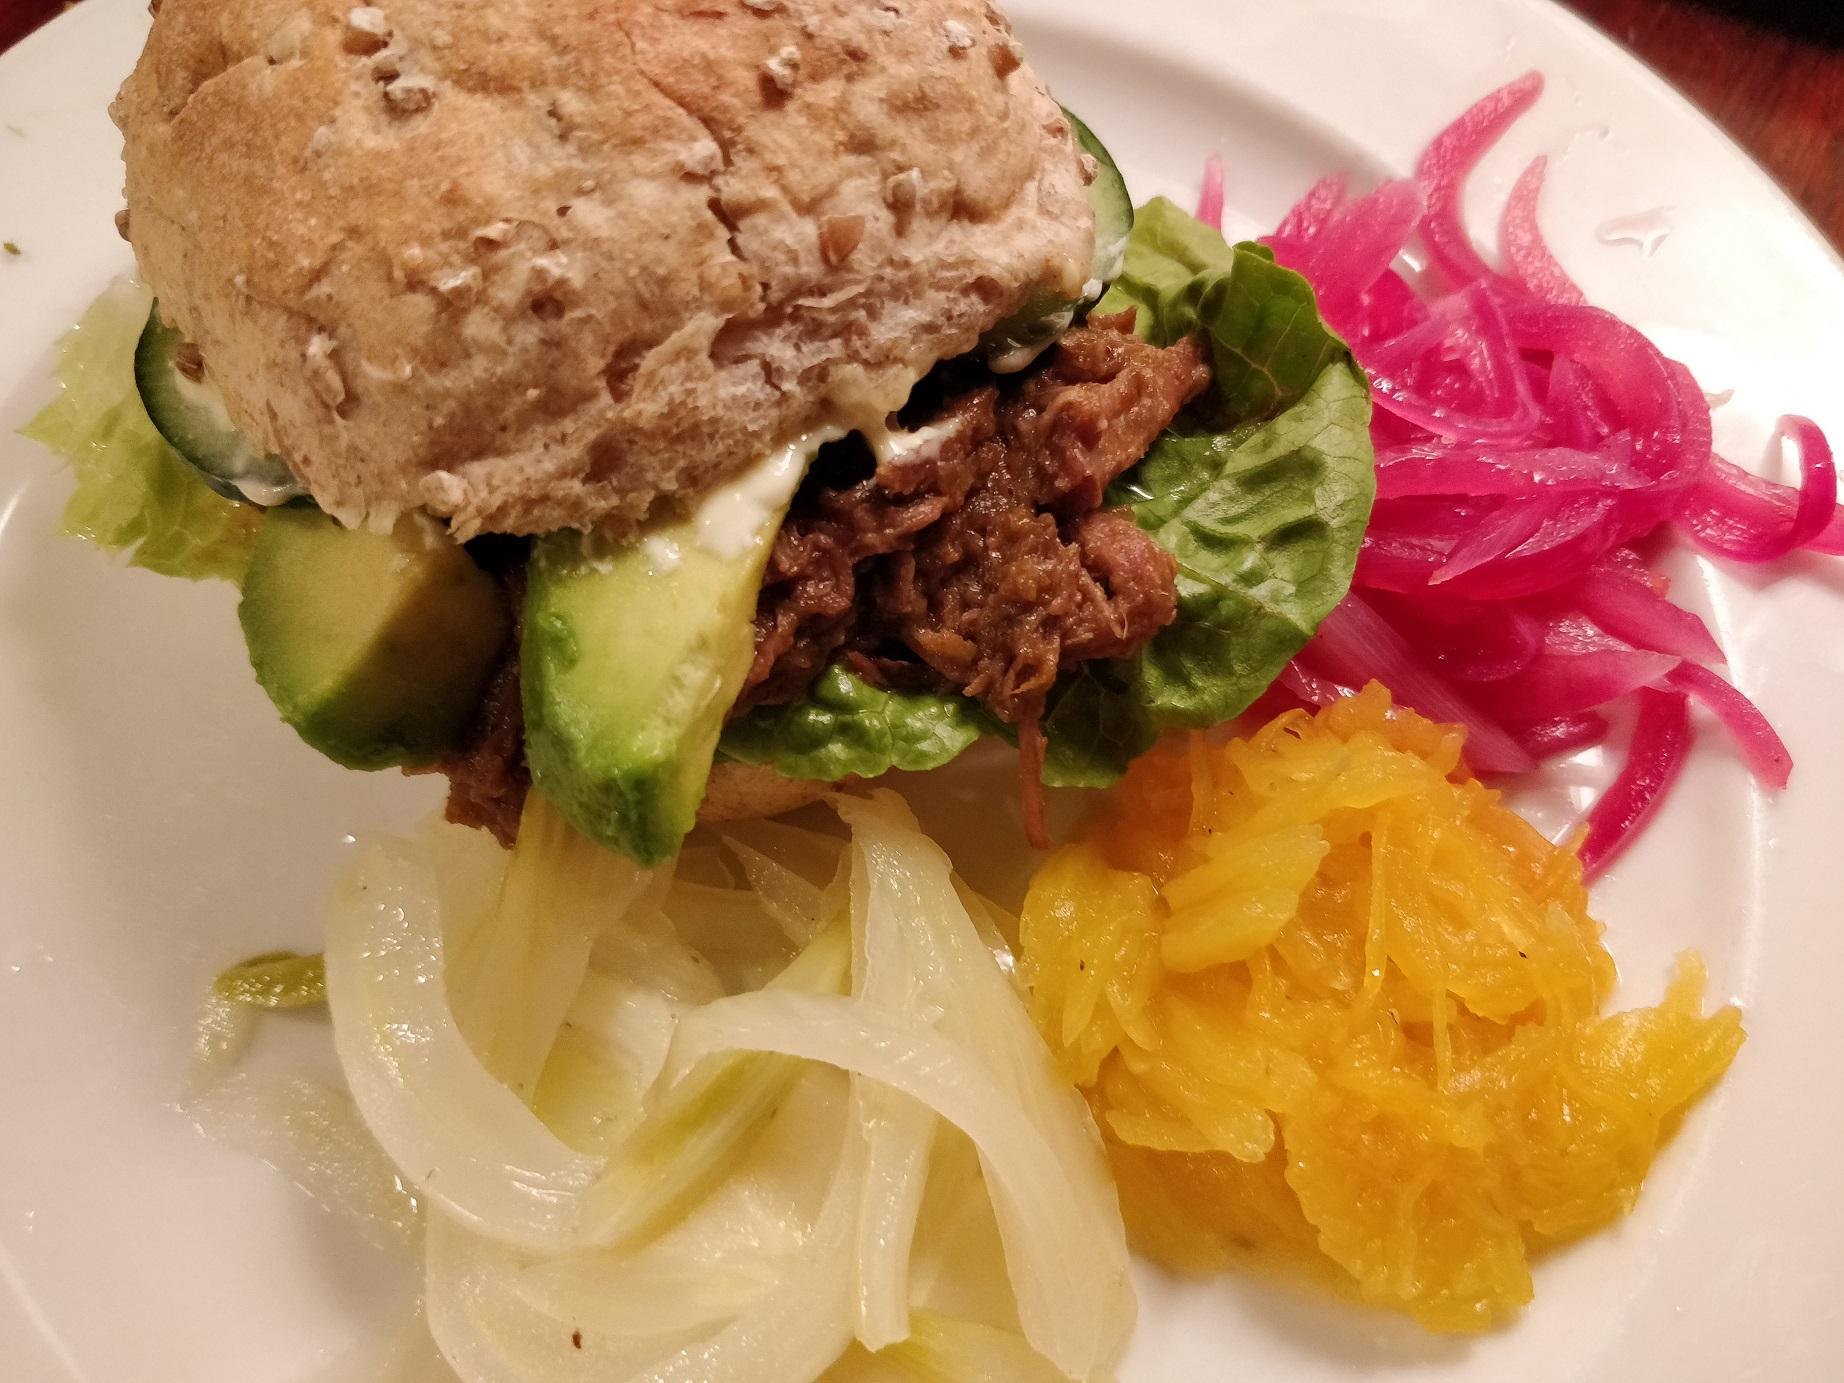 Burger med dpulled beef og hjemmesyltede grønsager